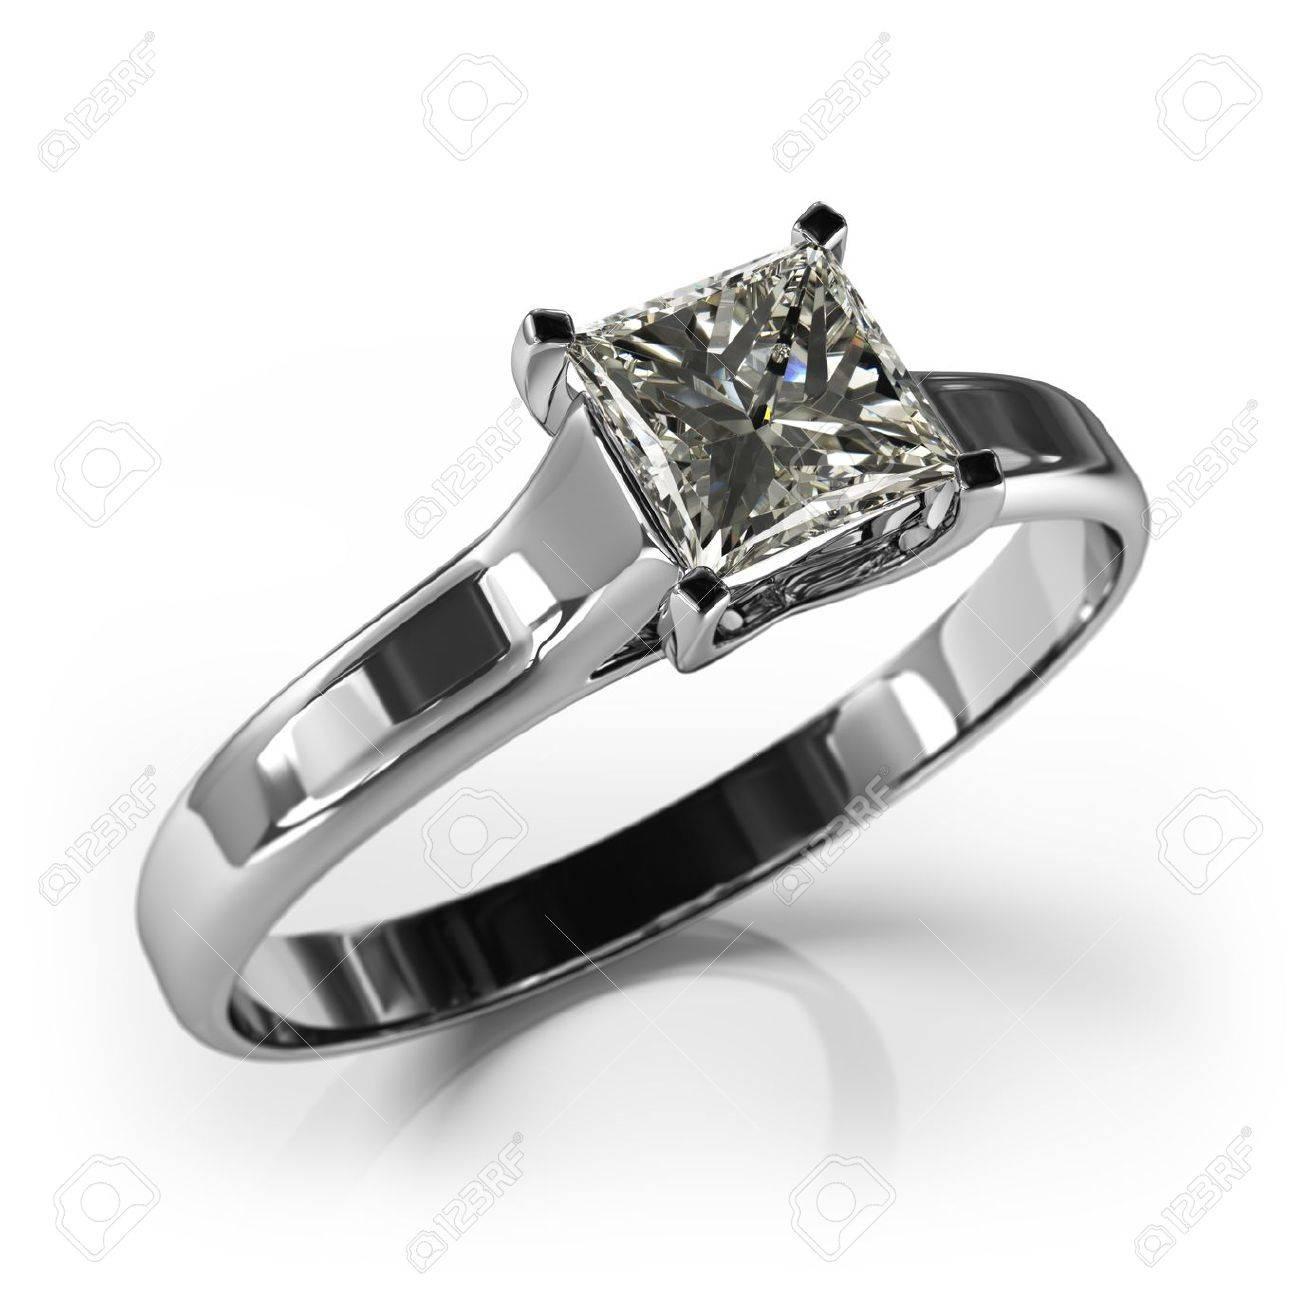 bague or blanc diamant mariage